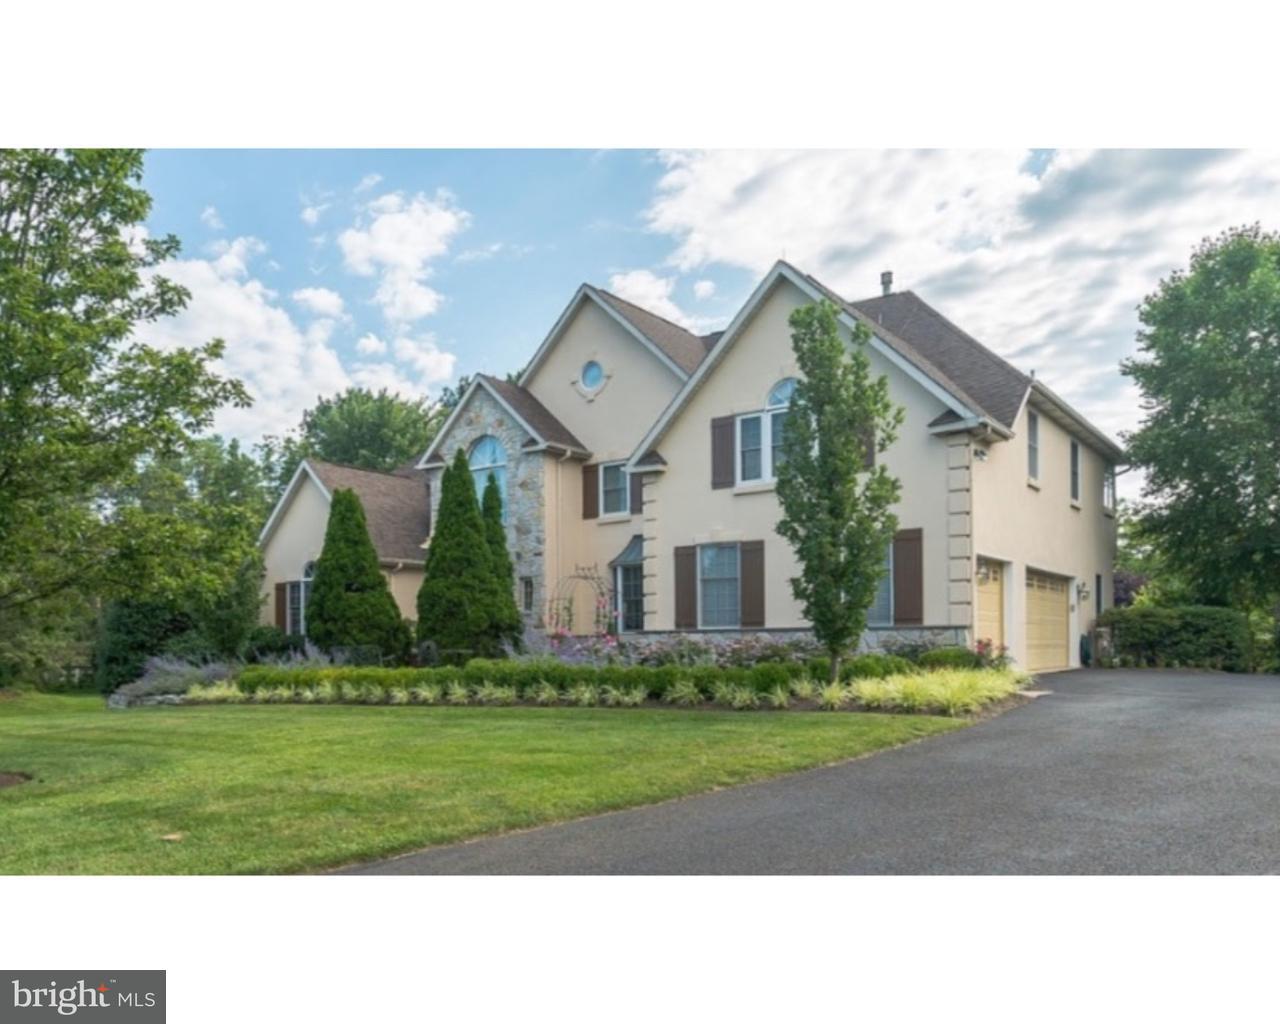 Maison unifamiliale pour l Vente à 110 BROCHANT Circle Blue Bell, Pennsylvanie 19422 États-Unis